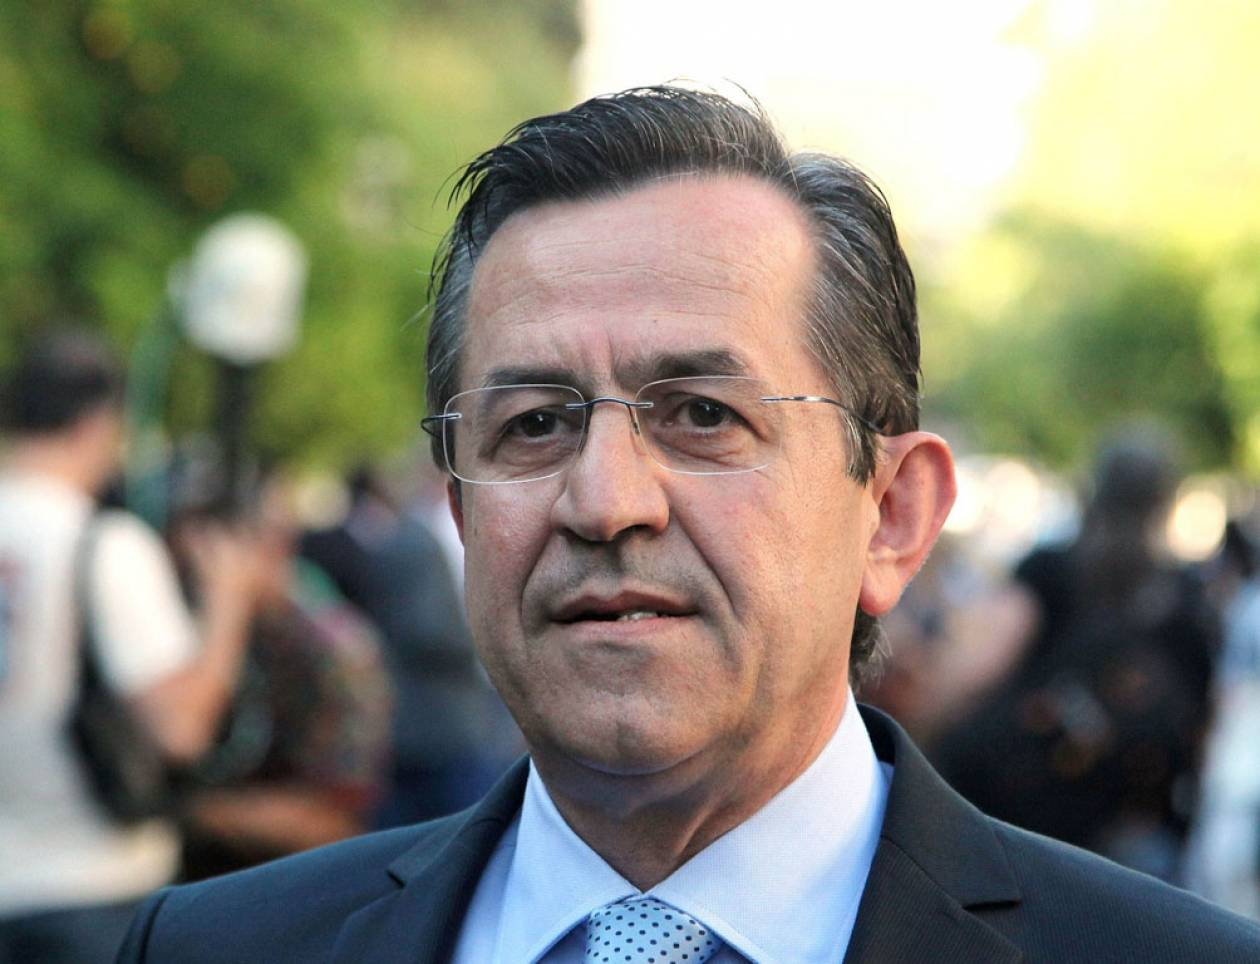 «Ανατροπή»: 4 ακόμα υποψήφιοι στο συνδυασμό του Ν.Νικολόπουλου